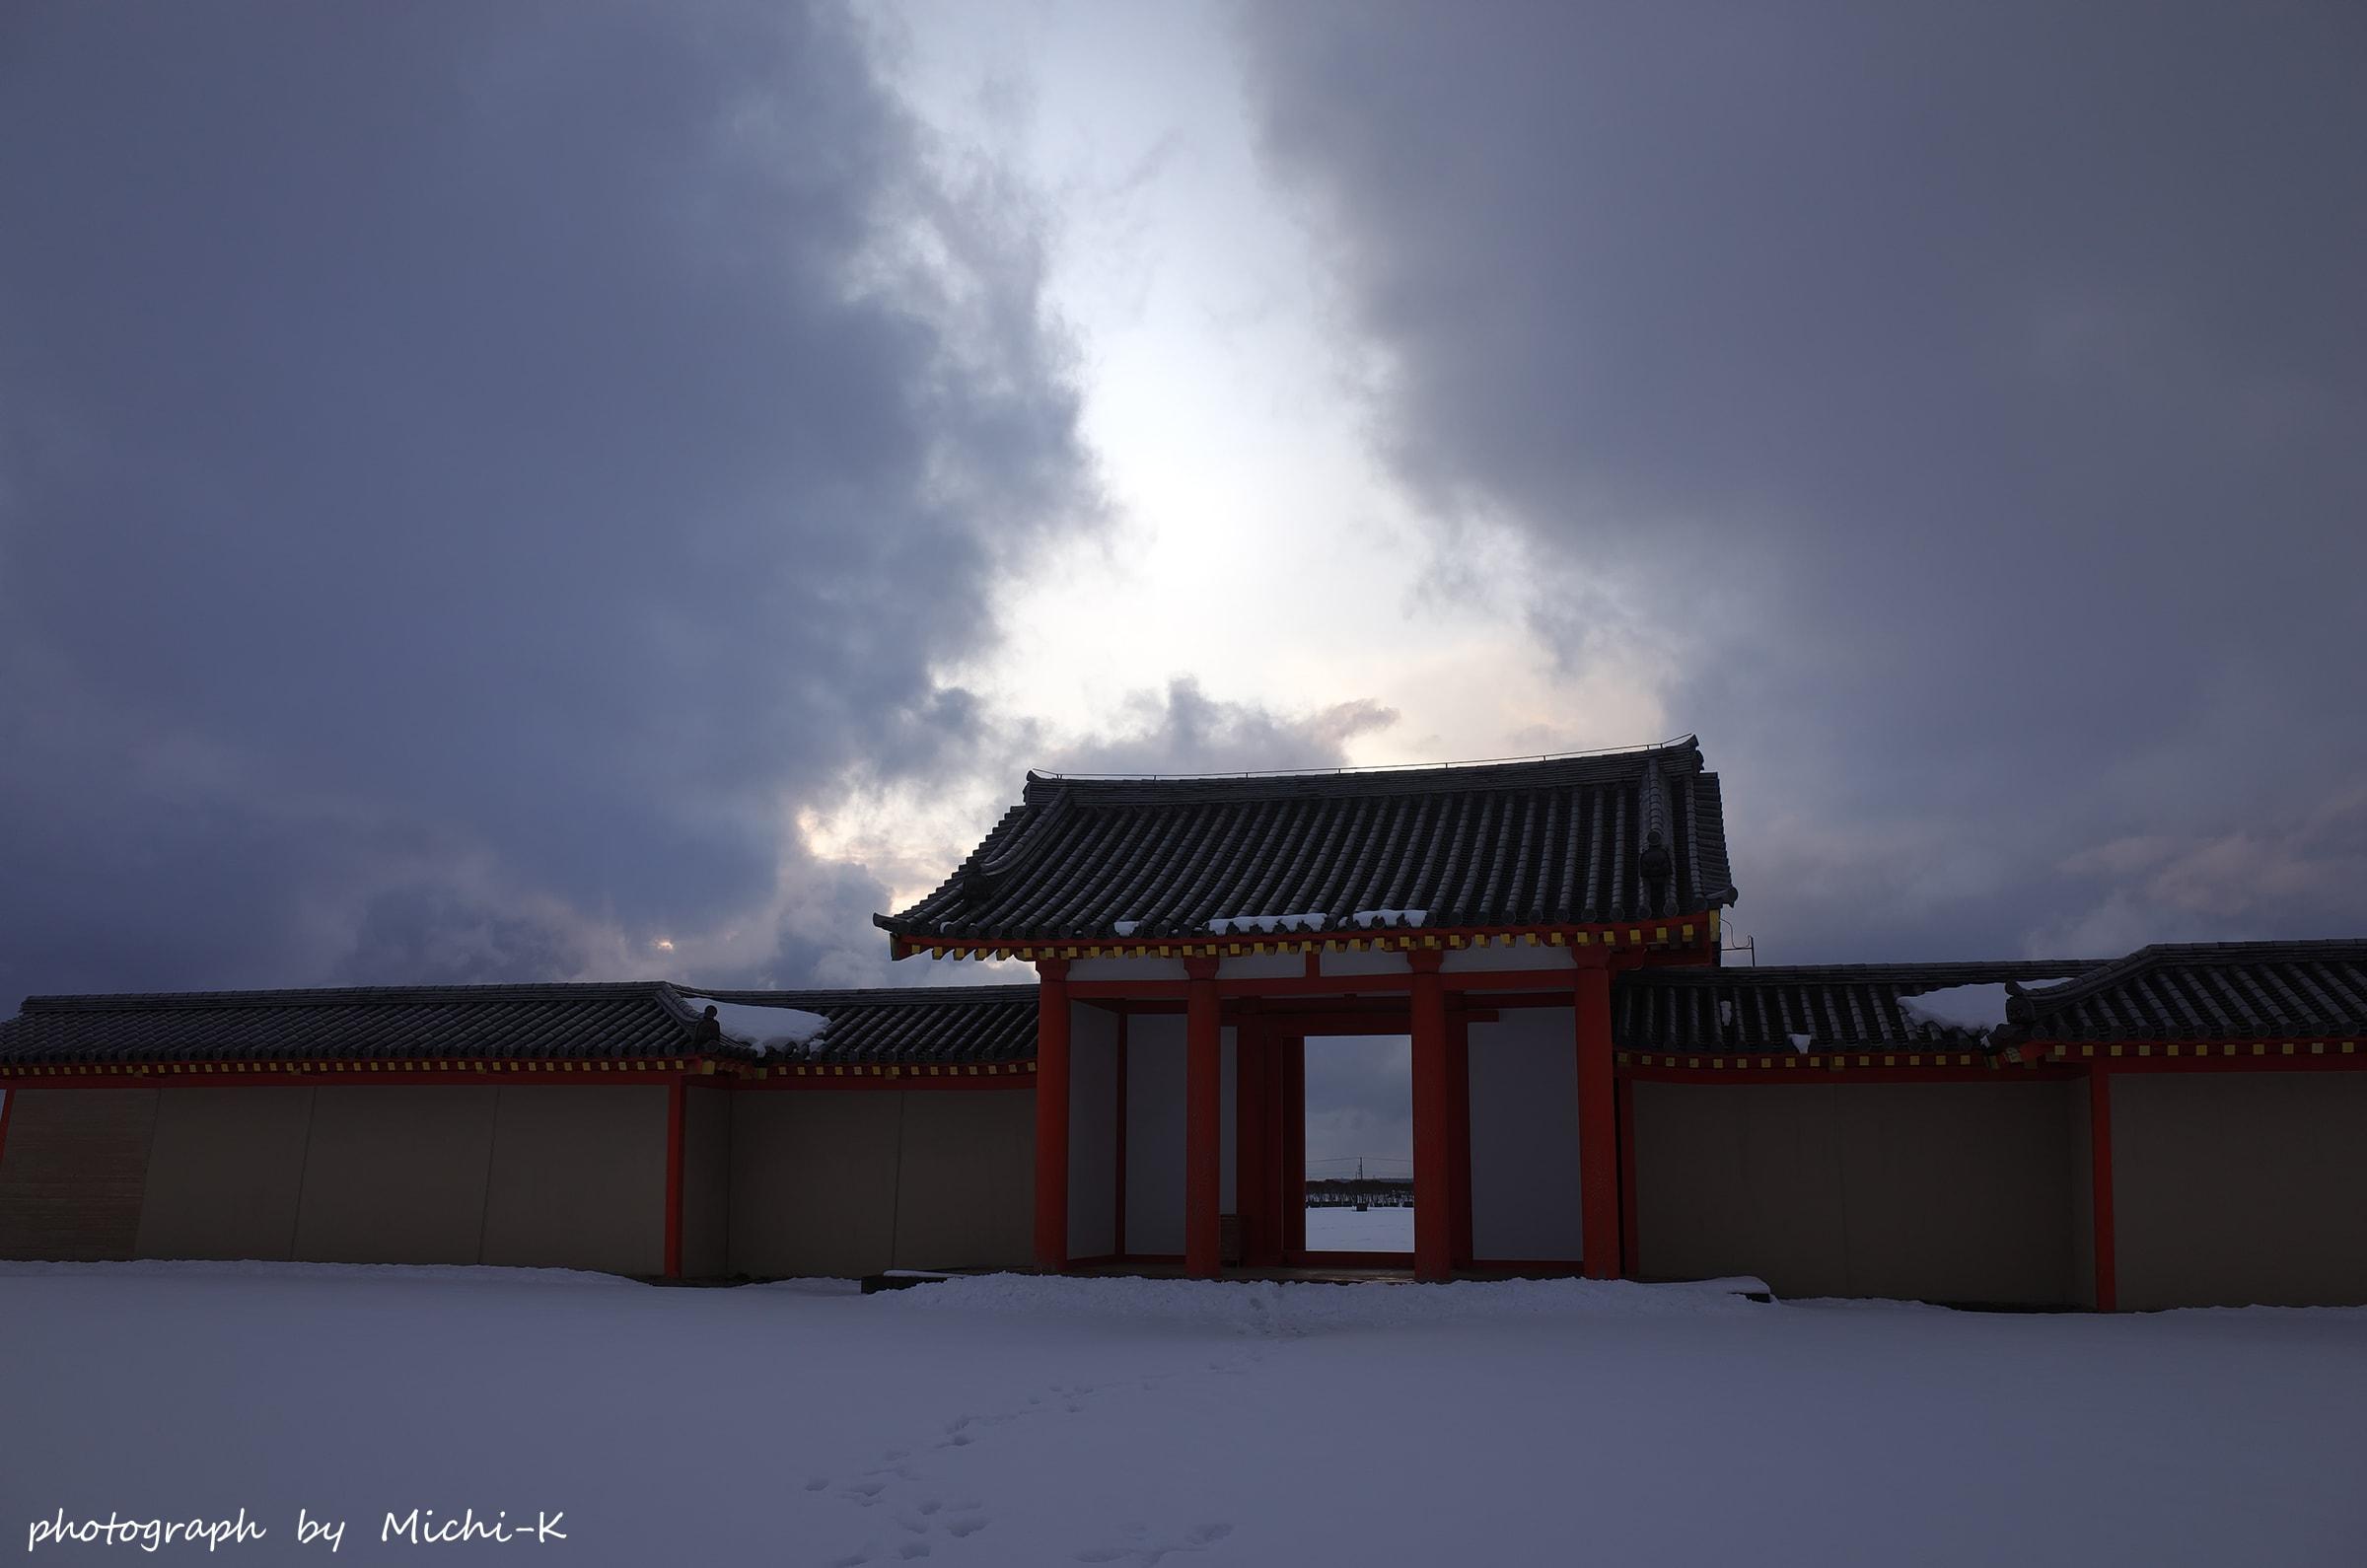 酒田市・城輪の柵跡7